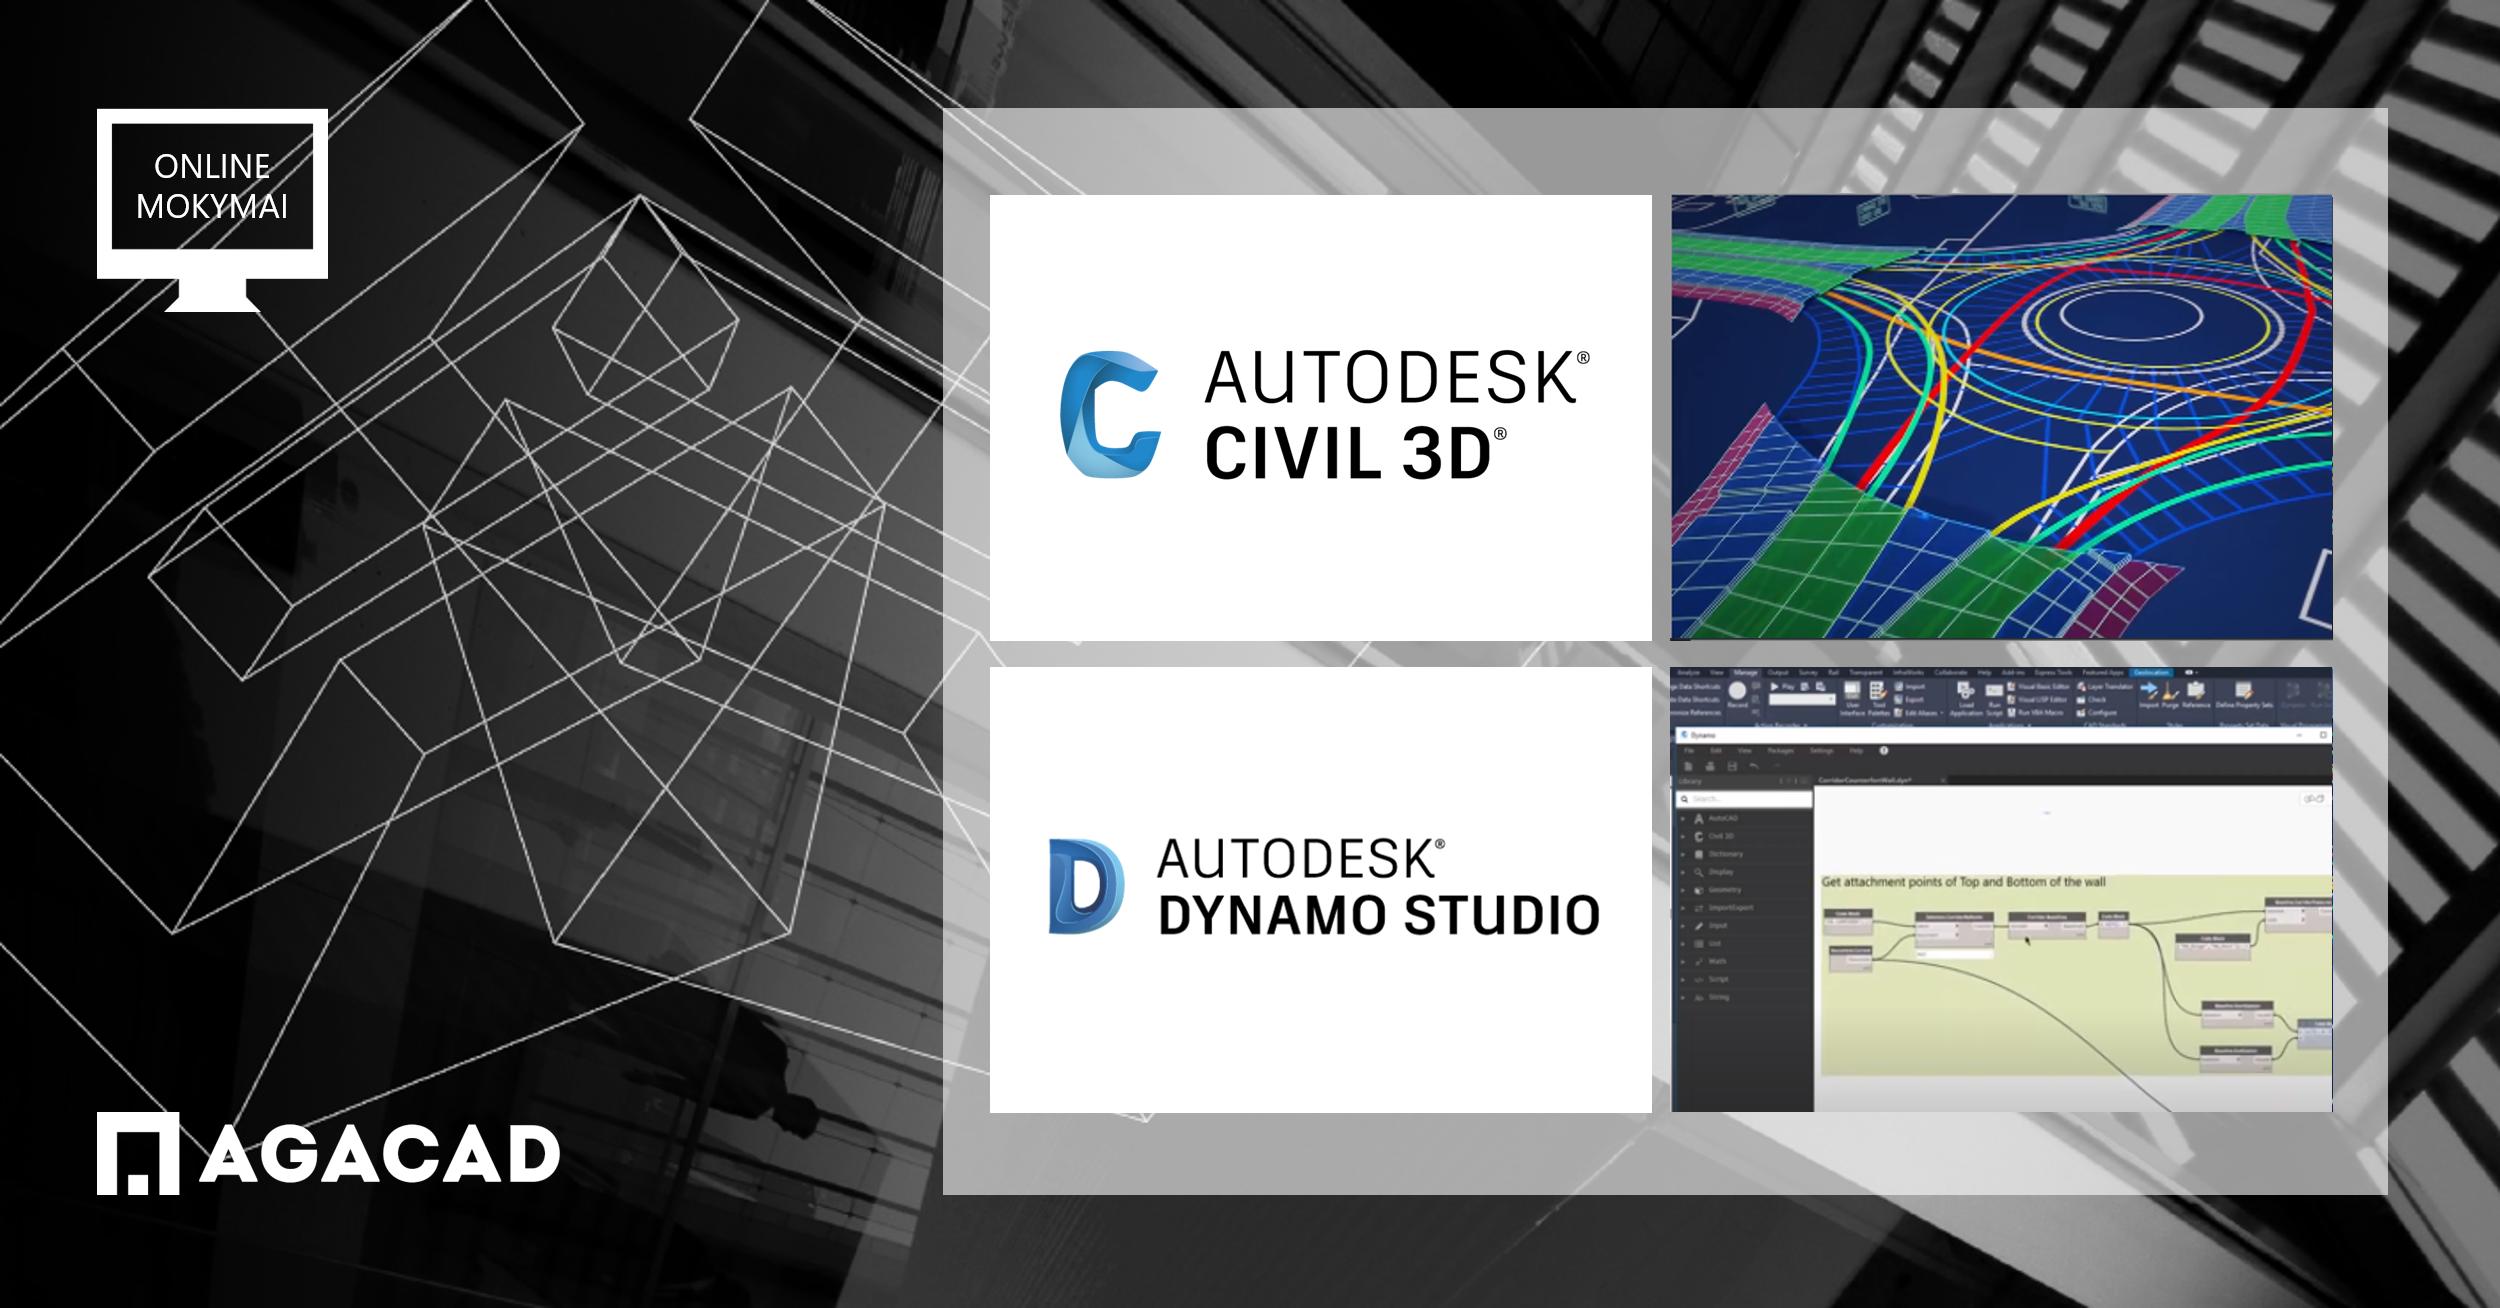 Autodesk Civil 3D mokymo kursai pažengusiems | AGACAD mokymo centras